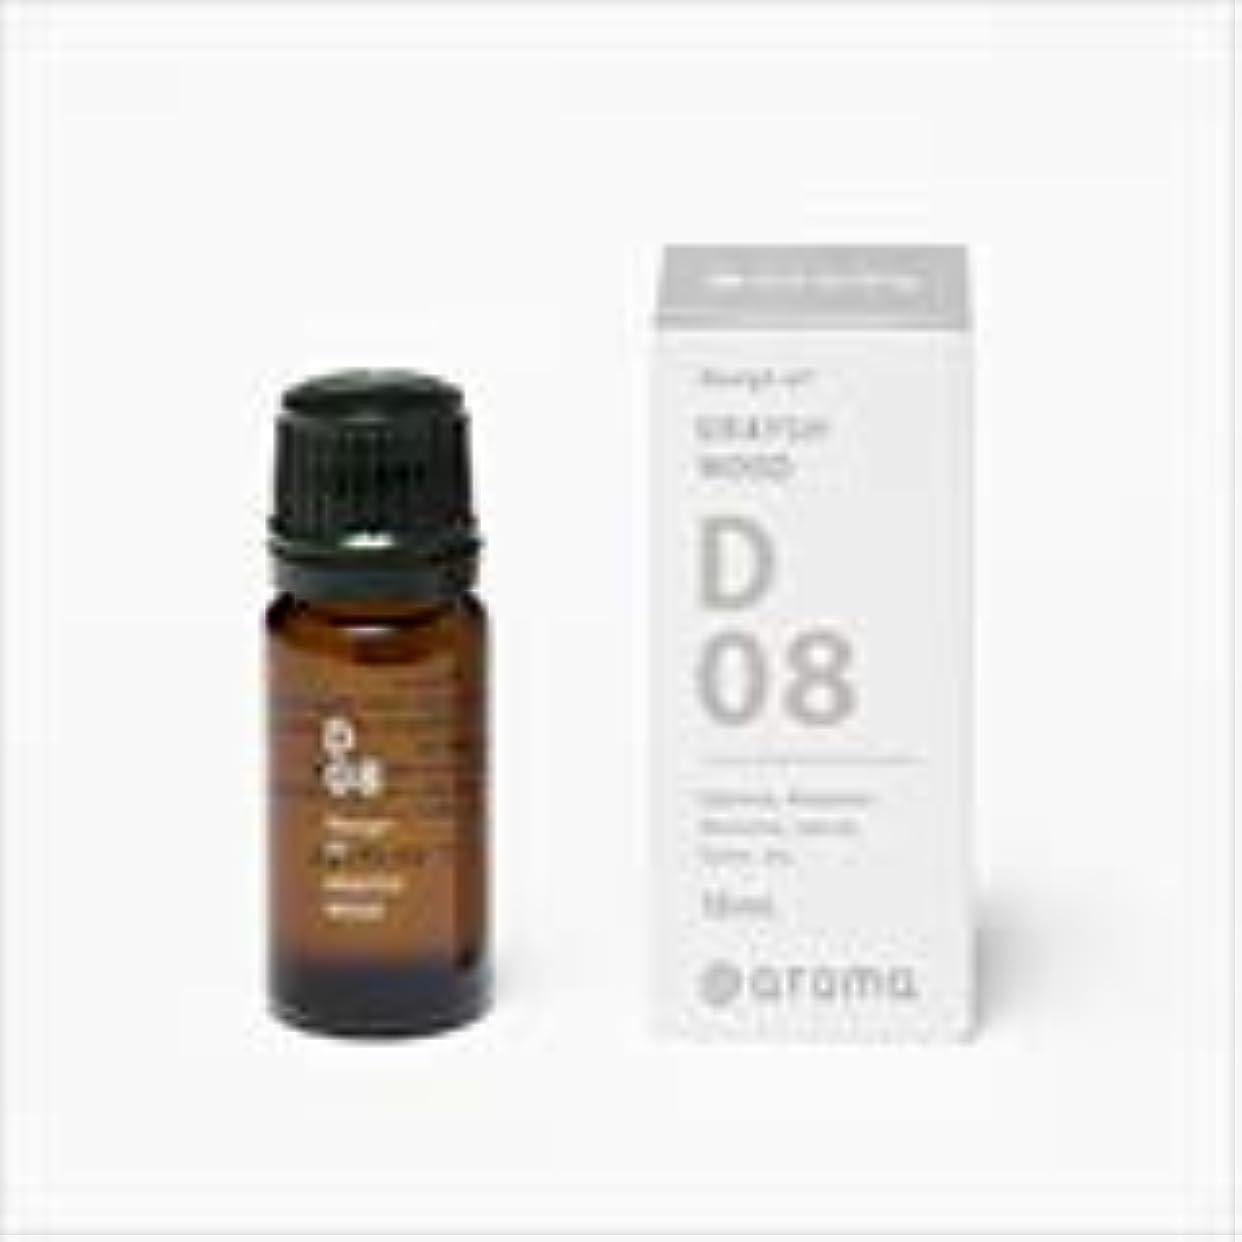 請願者明らかにするカールアットアロマ 100%pure essential oil <Design air オーシャンクルーズ>